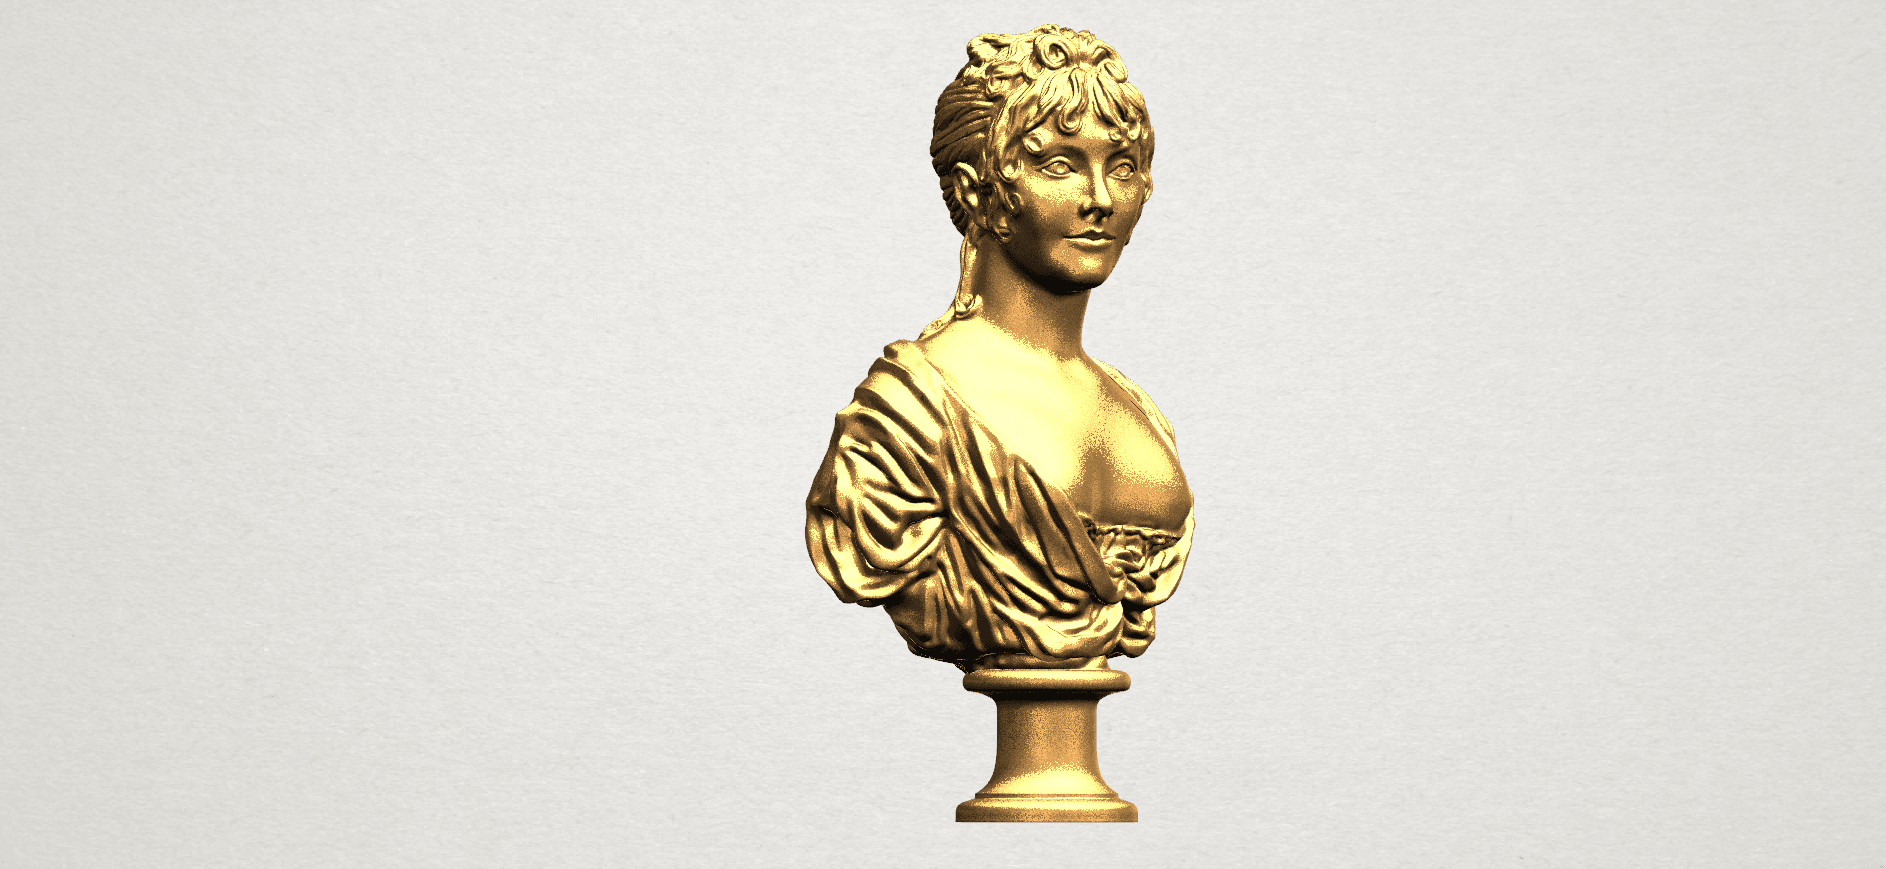 Bust of a girl 01 A07.png Télécharger fichier STL gratuit Buste d'une fille 01 • Modèle à imprimer en 3D, GeorgesNikkei